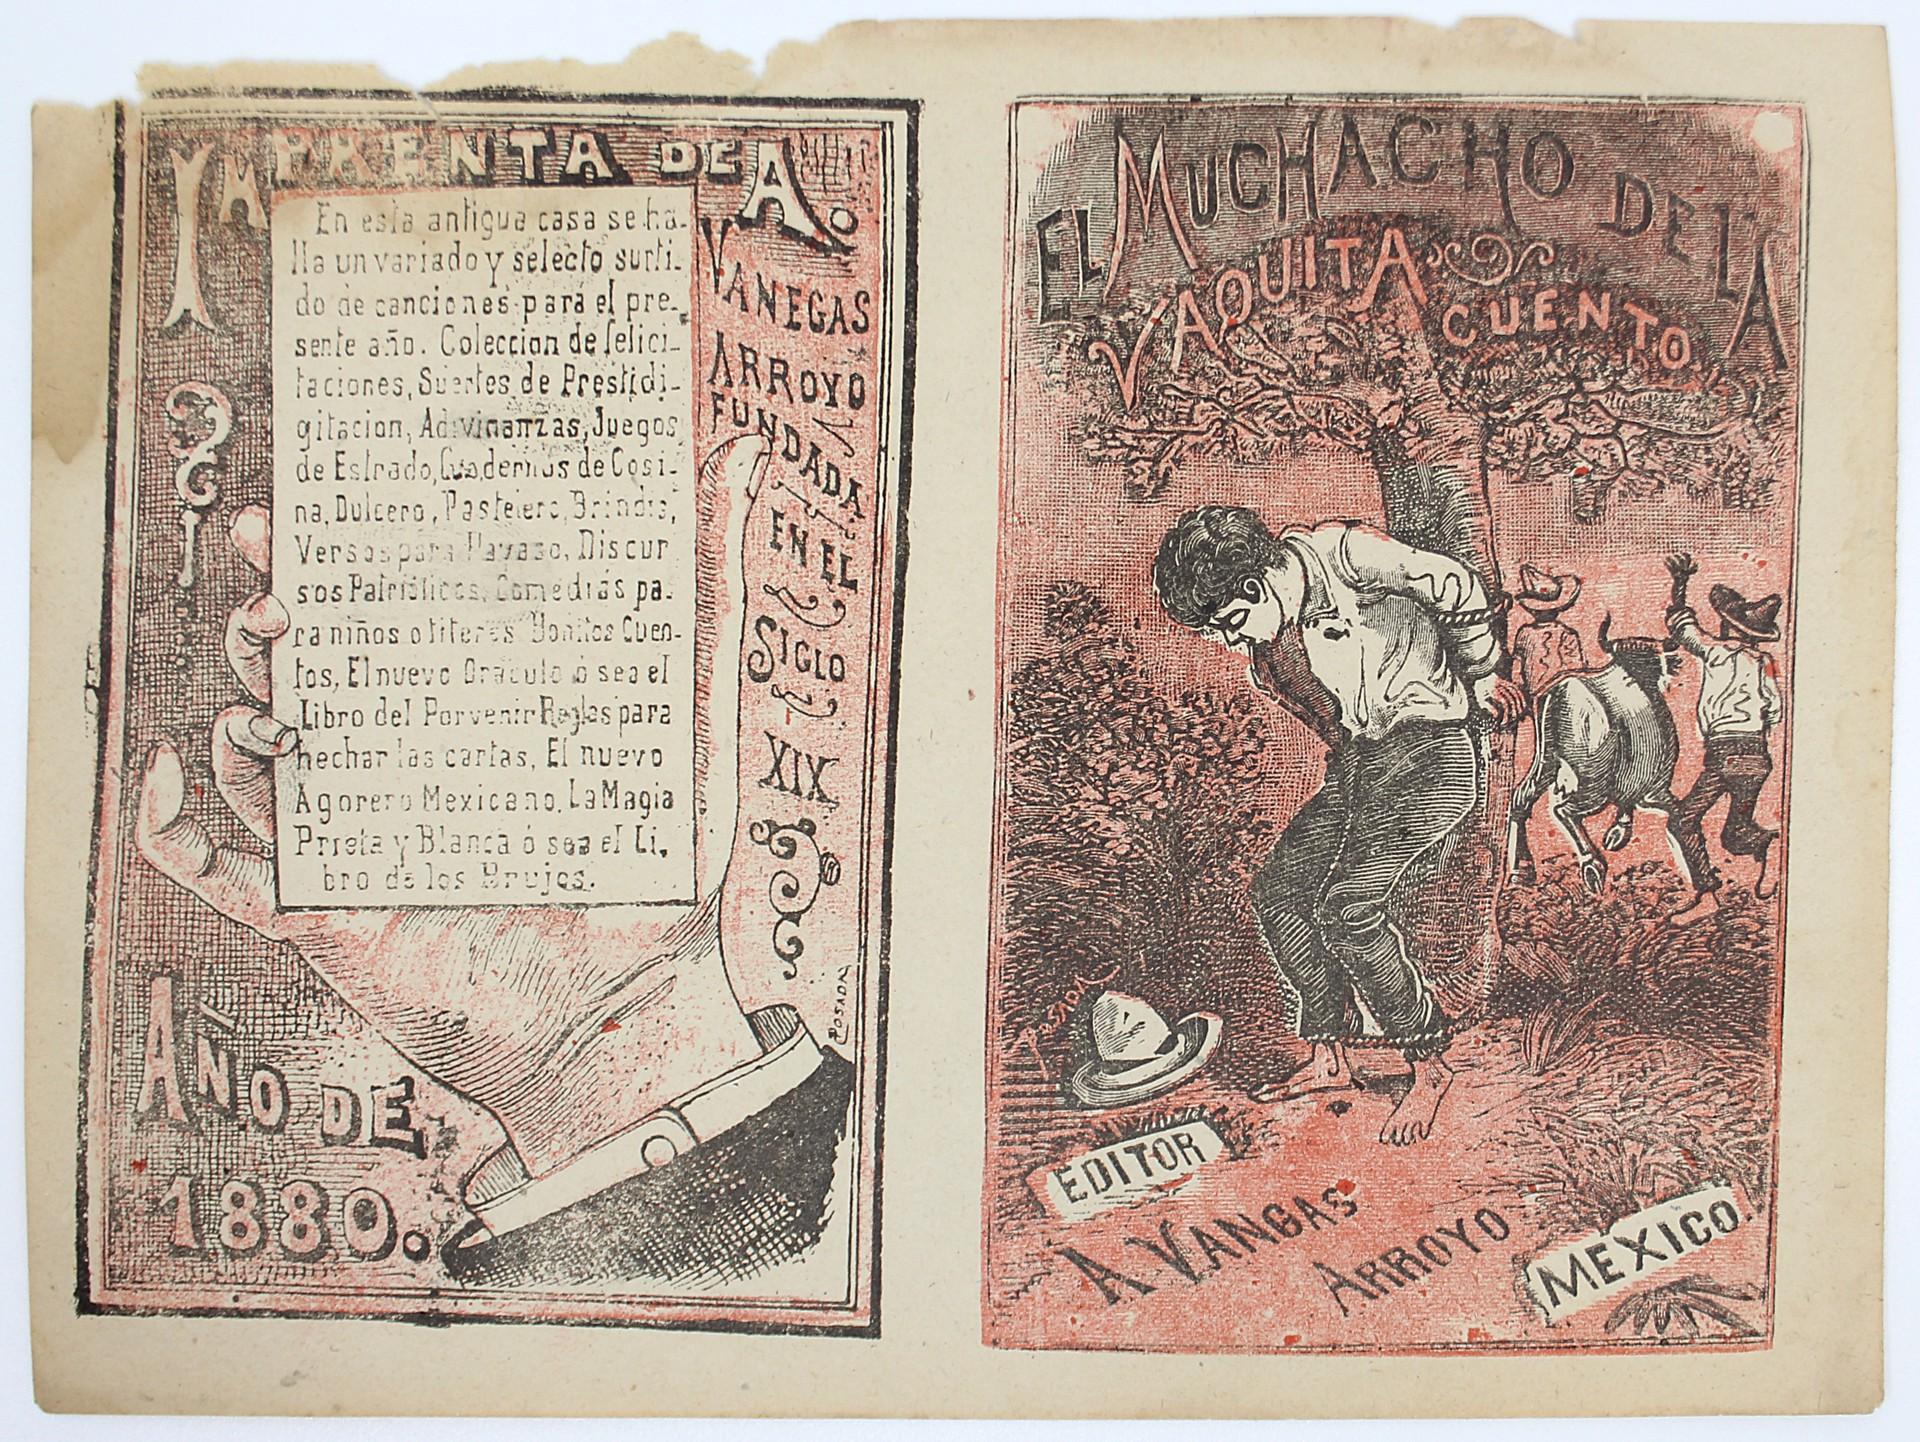 El Muchaco de la Vaquita by José Guadalupe Posada (1852 - 1913)